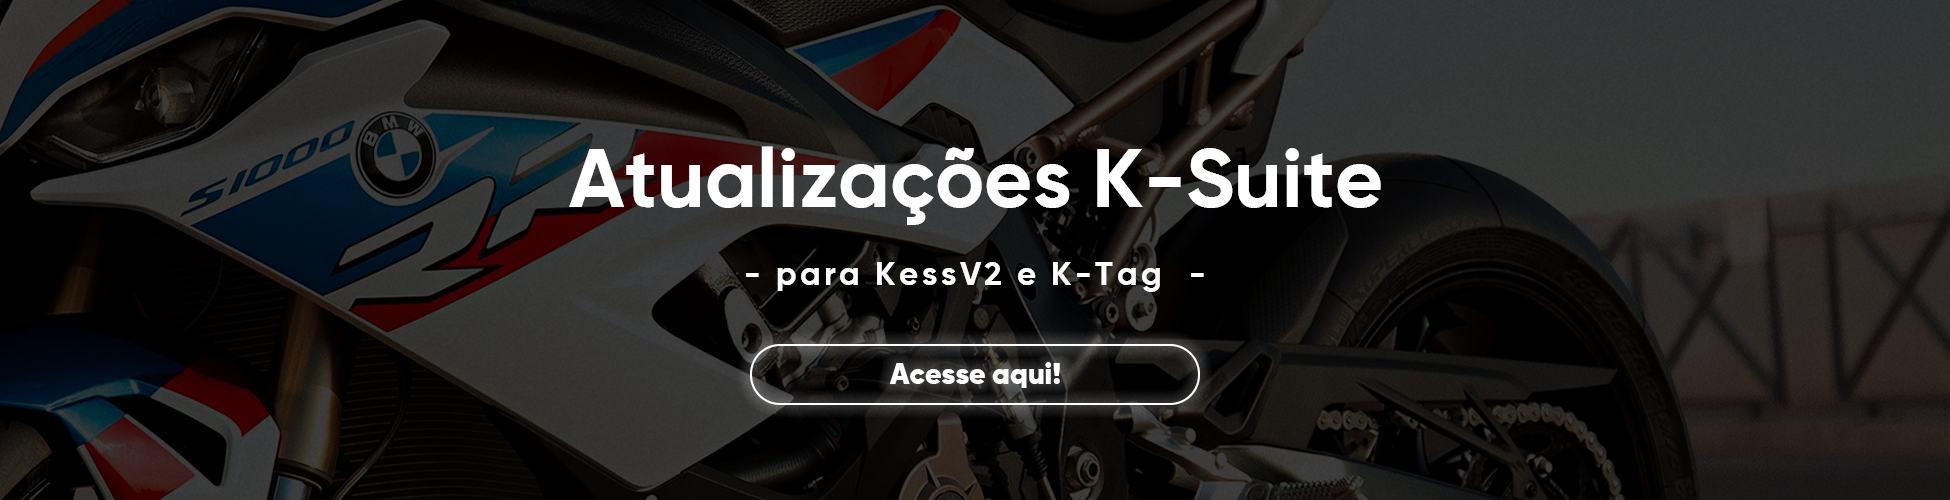 Atualização K-Suite 3.89